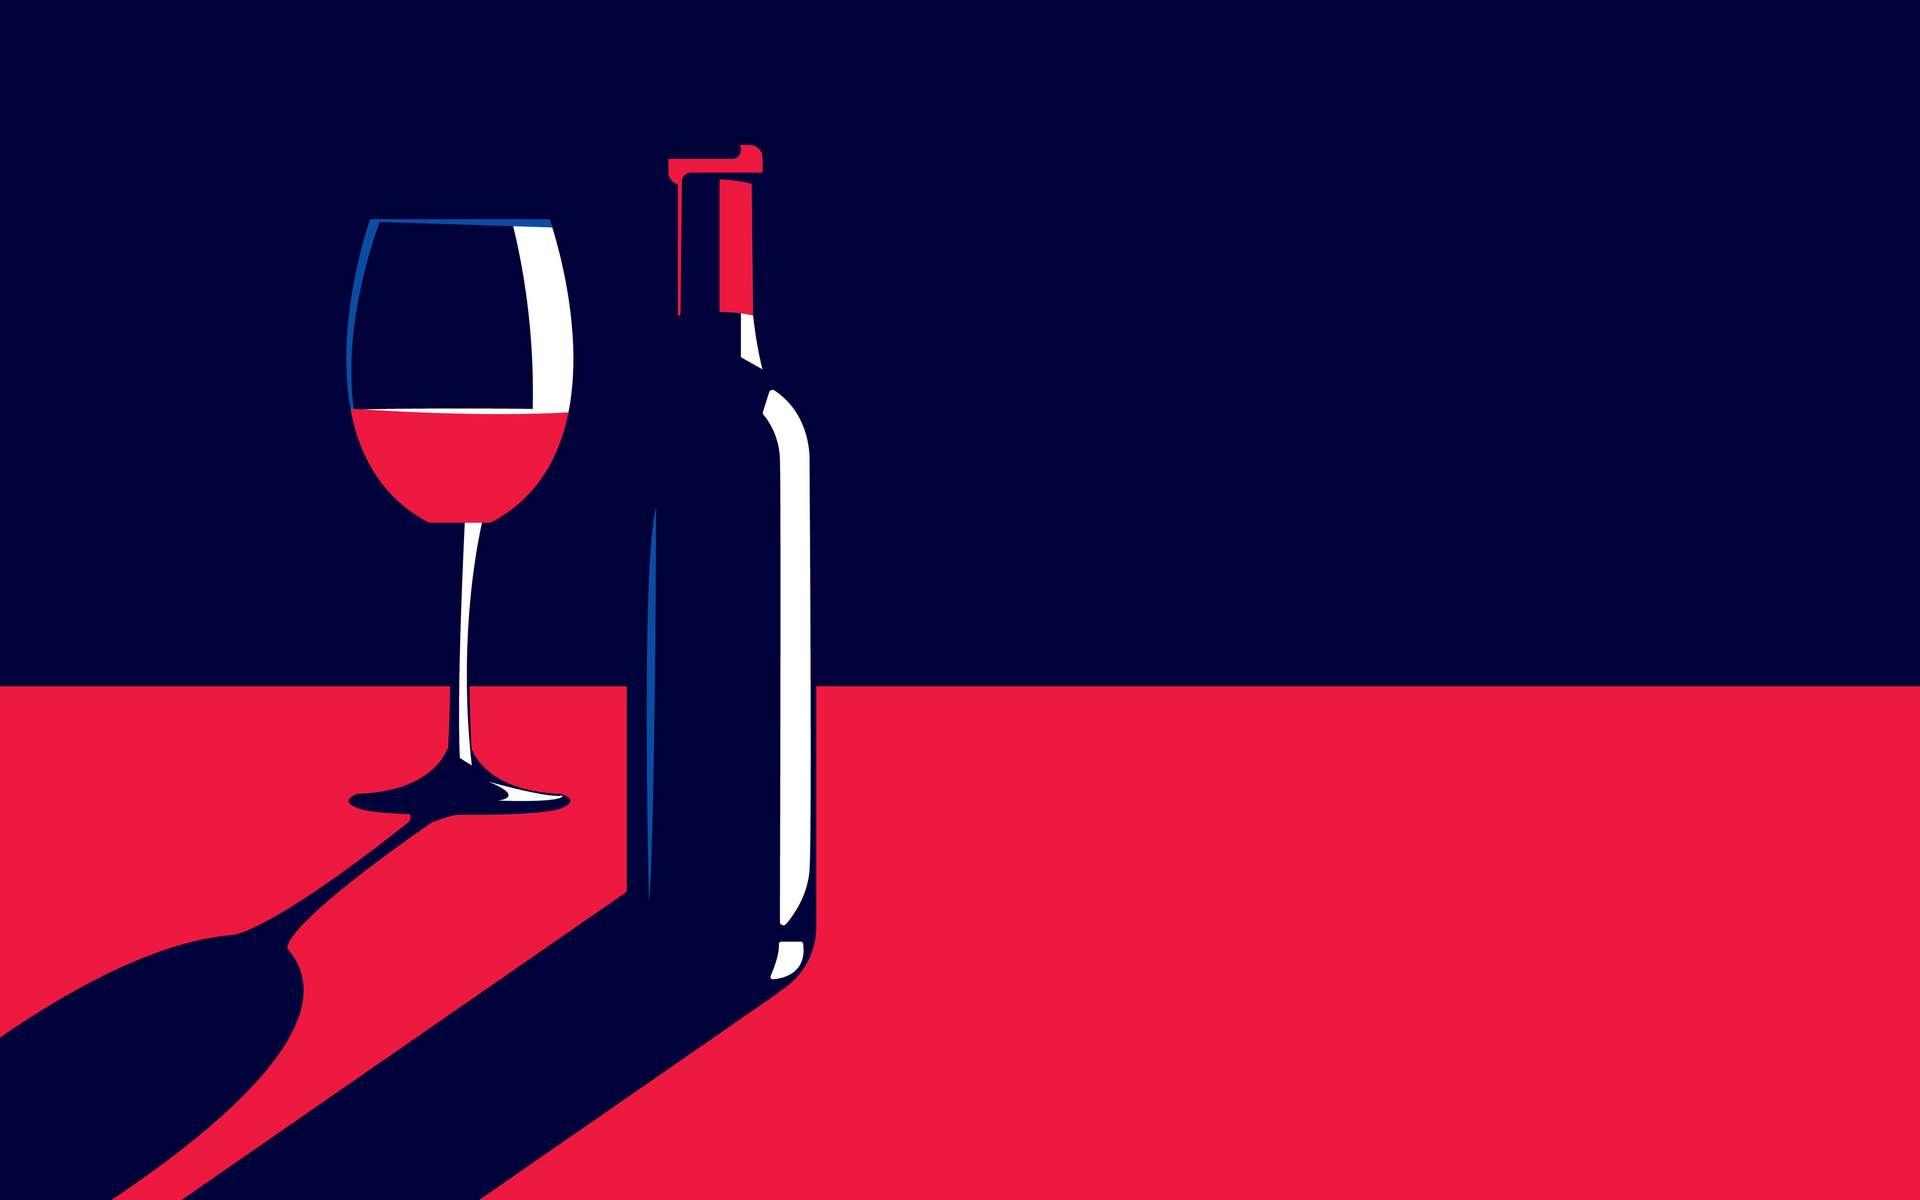 Le vin n'est pas un remède contre la Covid-19, bien au contraire. © CaptainMCity, Adobe Stock